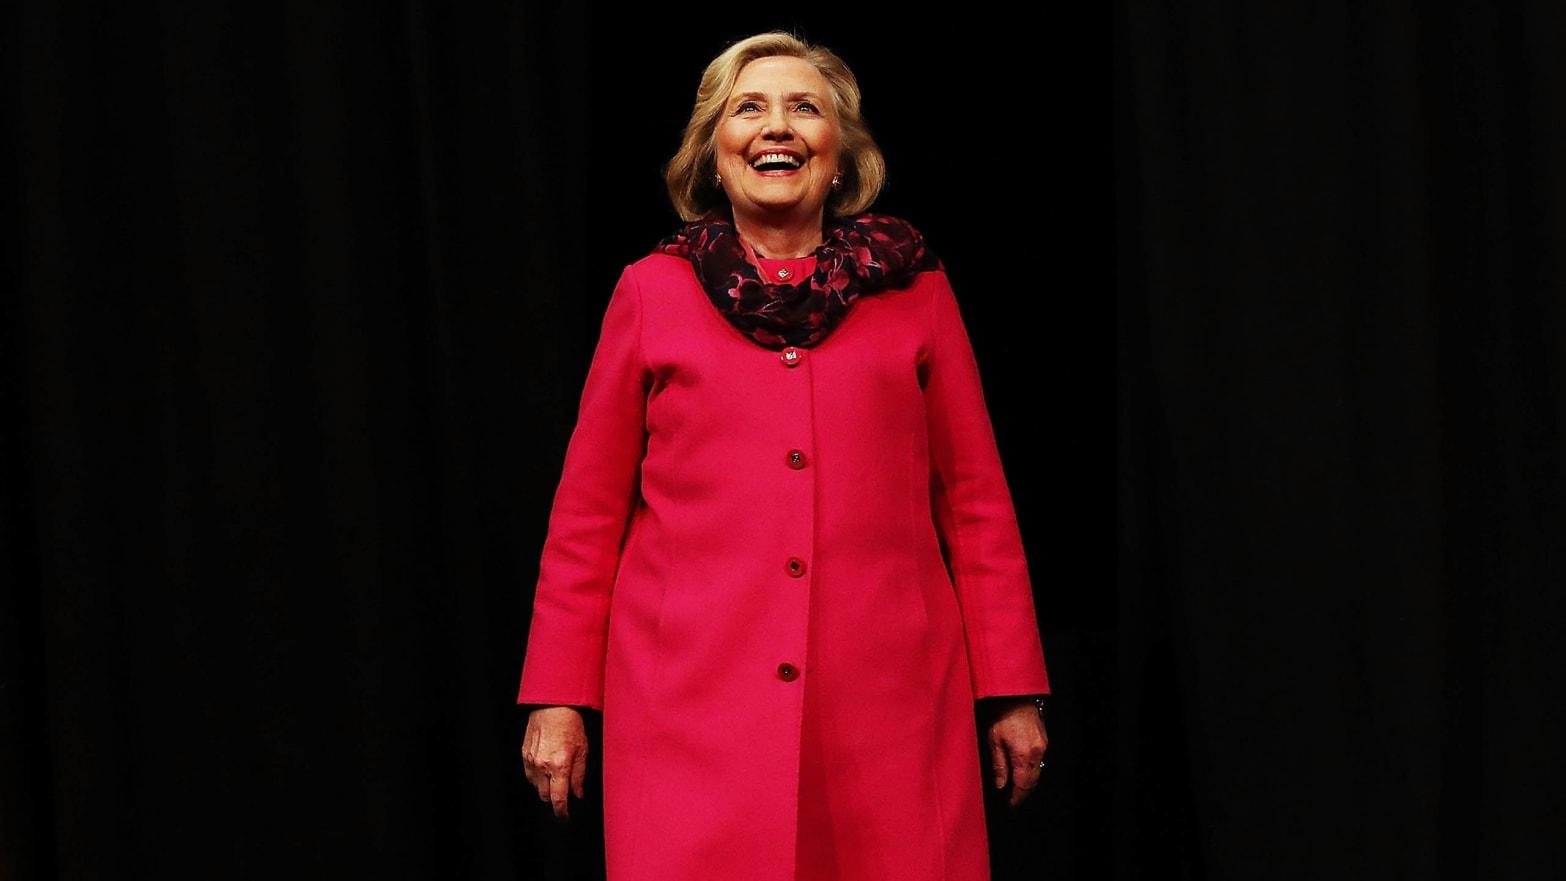 Dear God Hillary Clinton Please Just Go